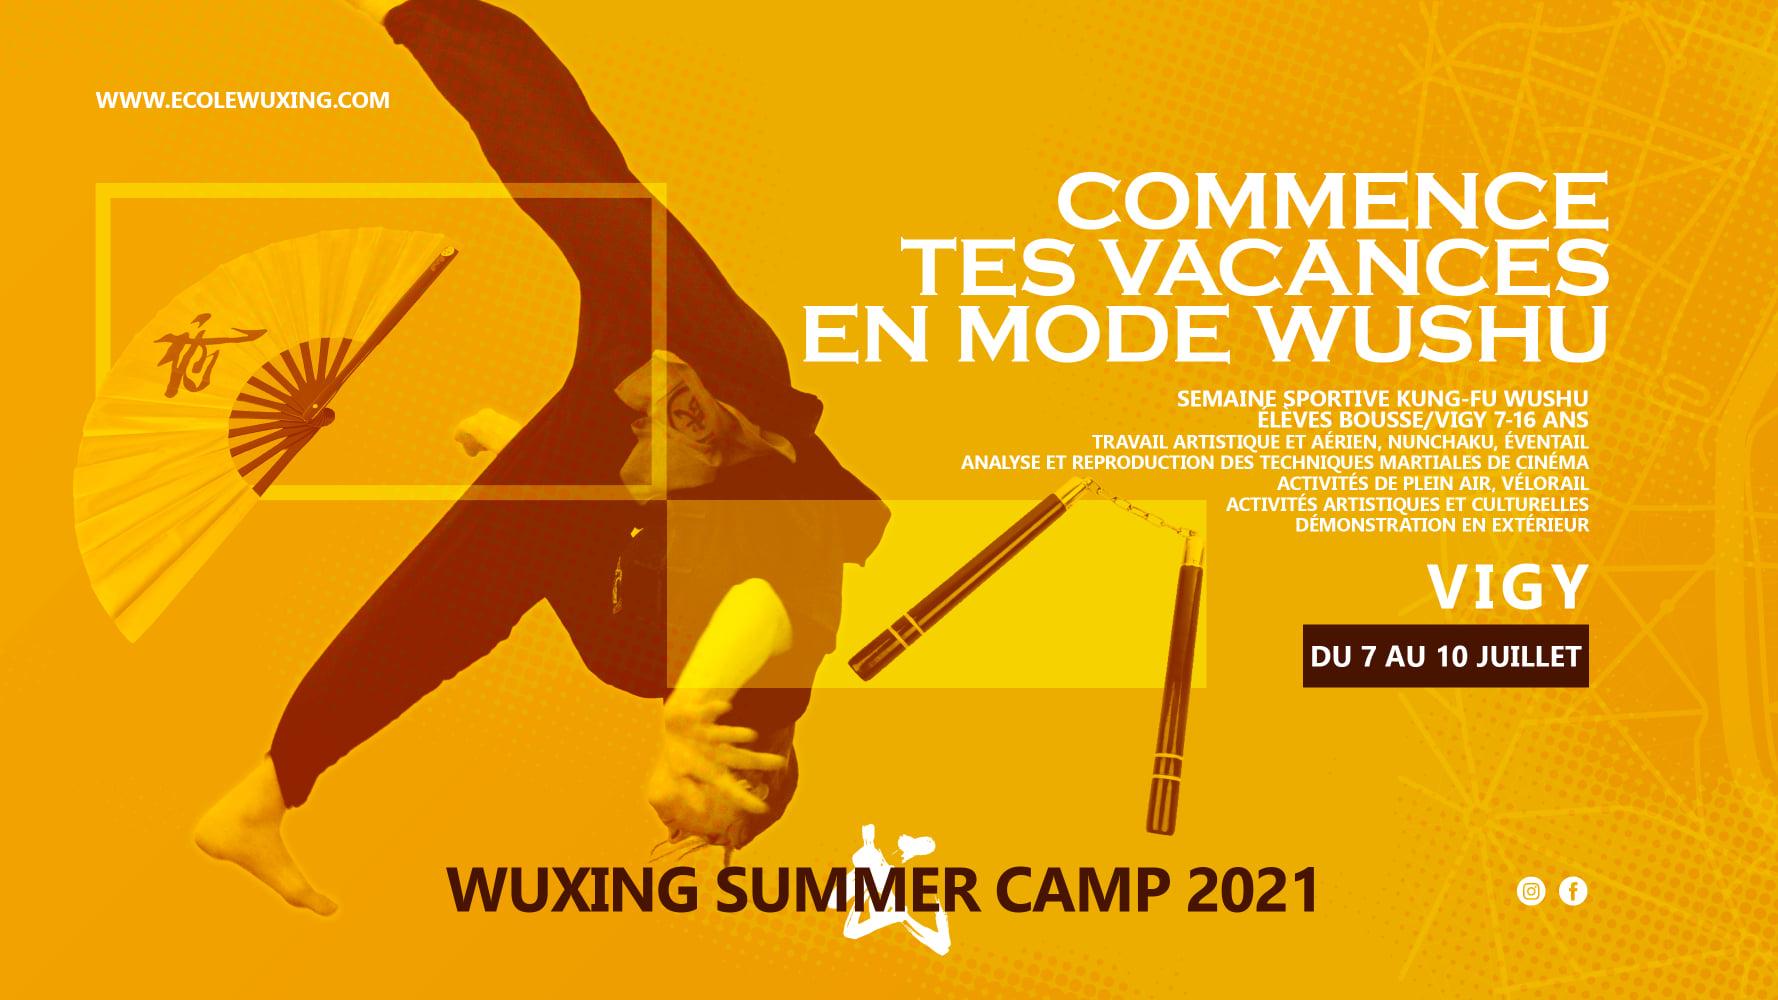 summer camp wushu bousse vigy ecole wuxing été 2021